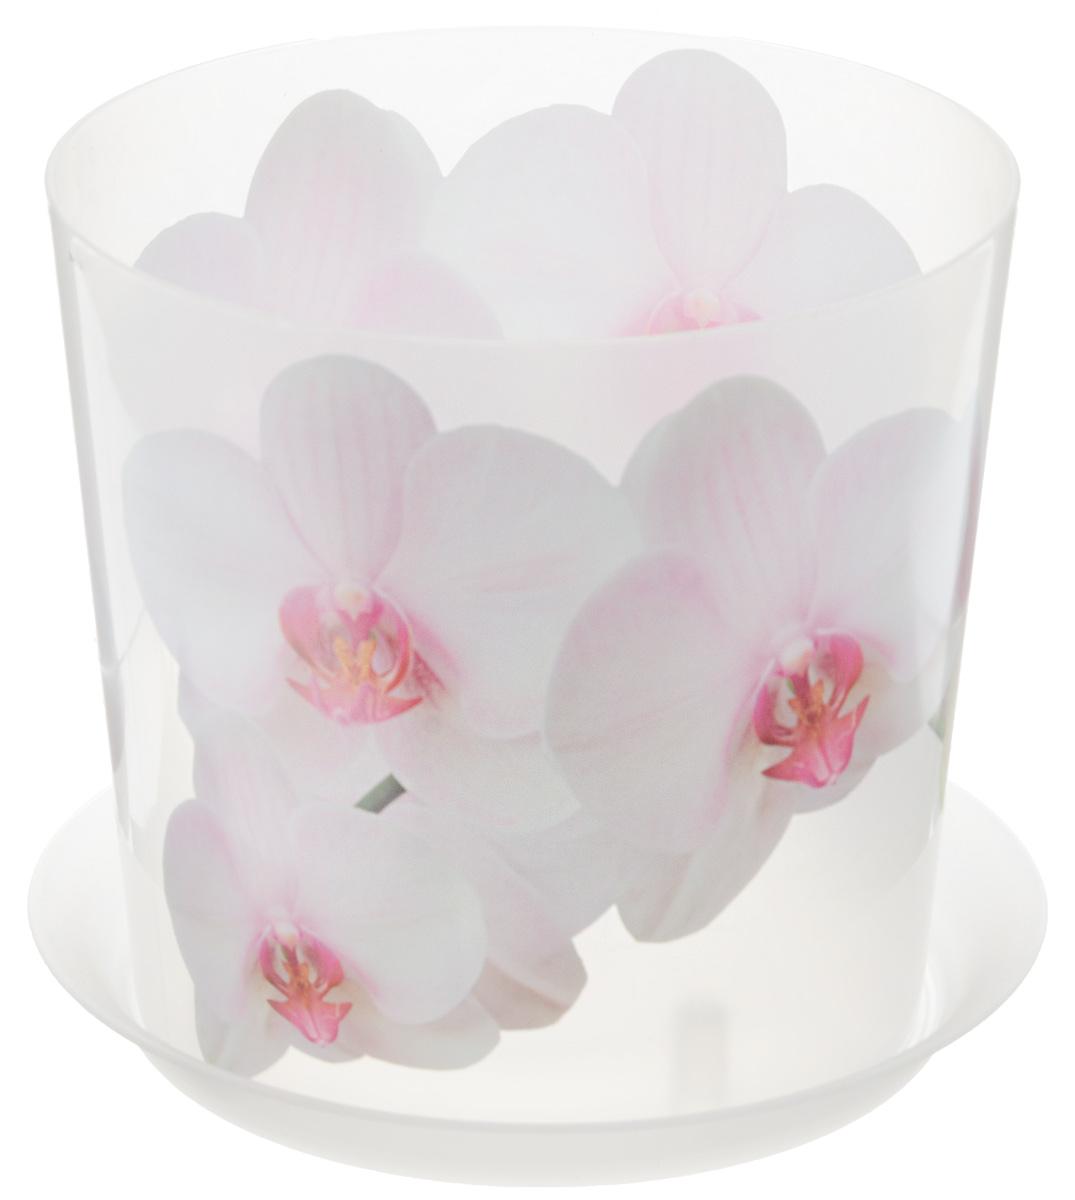 Кашпо Idea Деко, с подставкой, цвет: прозрачный, белый, 2,4 лМ 3106Кашпо Idea Деко изготовлено из высококачественного полипропилена. Специальный поддон предназначен для стока воды. Изделие прекрасно подходит для выращивания растений и цветов в домашних условиях. Лаконичный дизайн впишется в интерьер любого помещения. Диаметр поддона: 17,5 см. Диаметр кашпо по верхнему краю: 16 см. Высота кашпо: 15 см. Объем кашпо: 2,4 л.